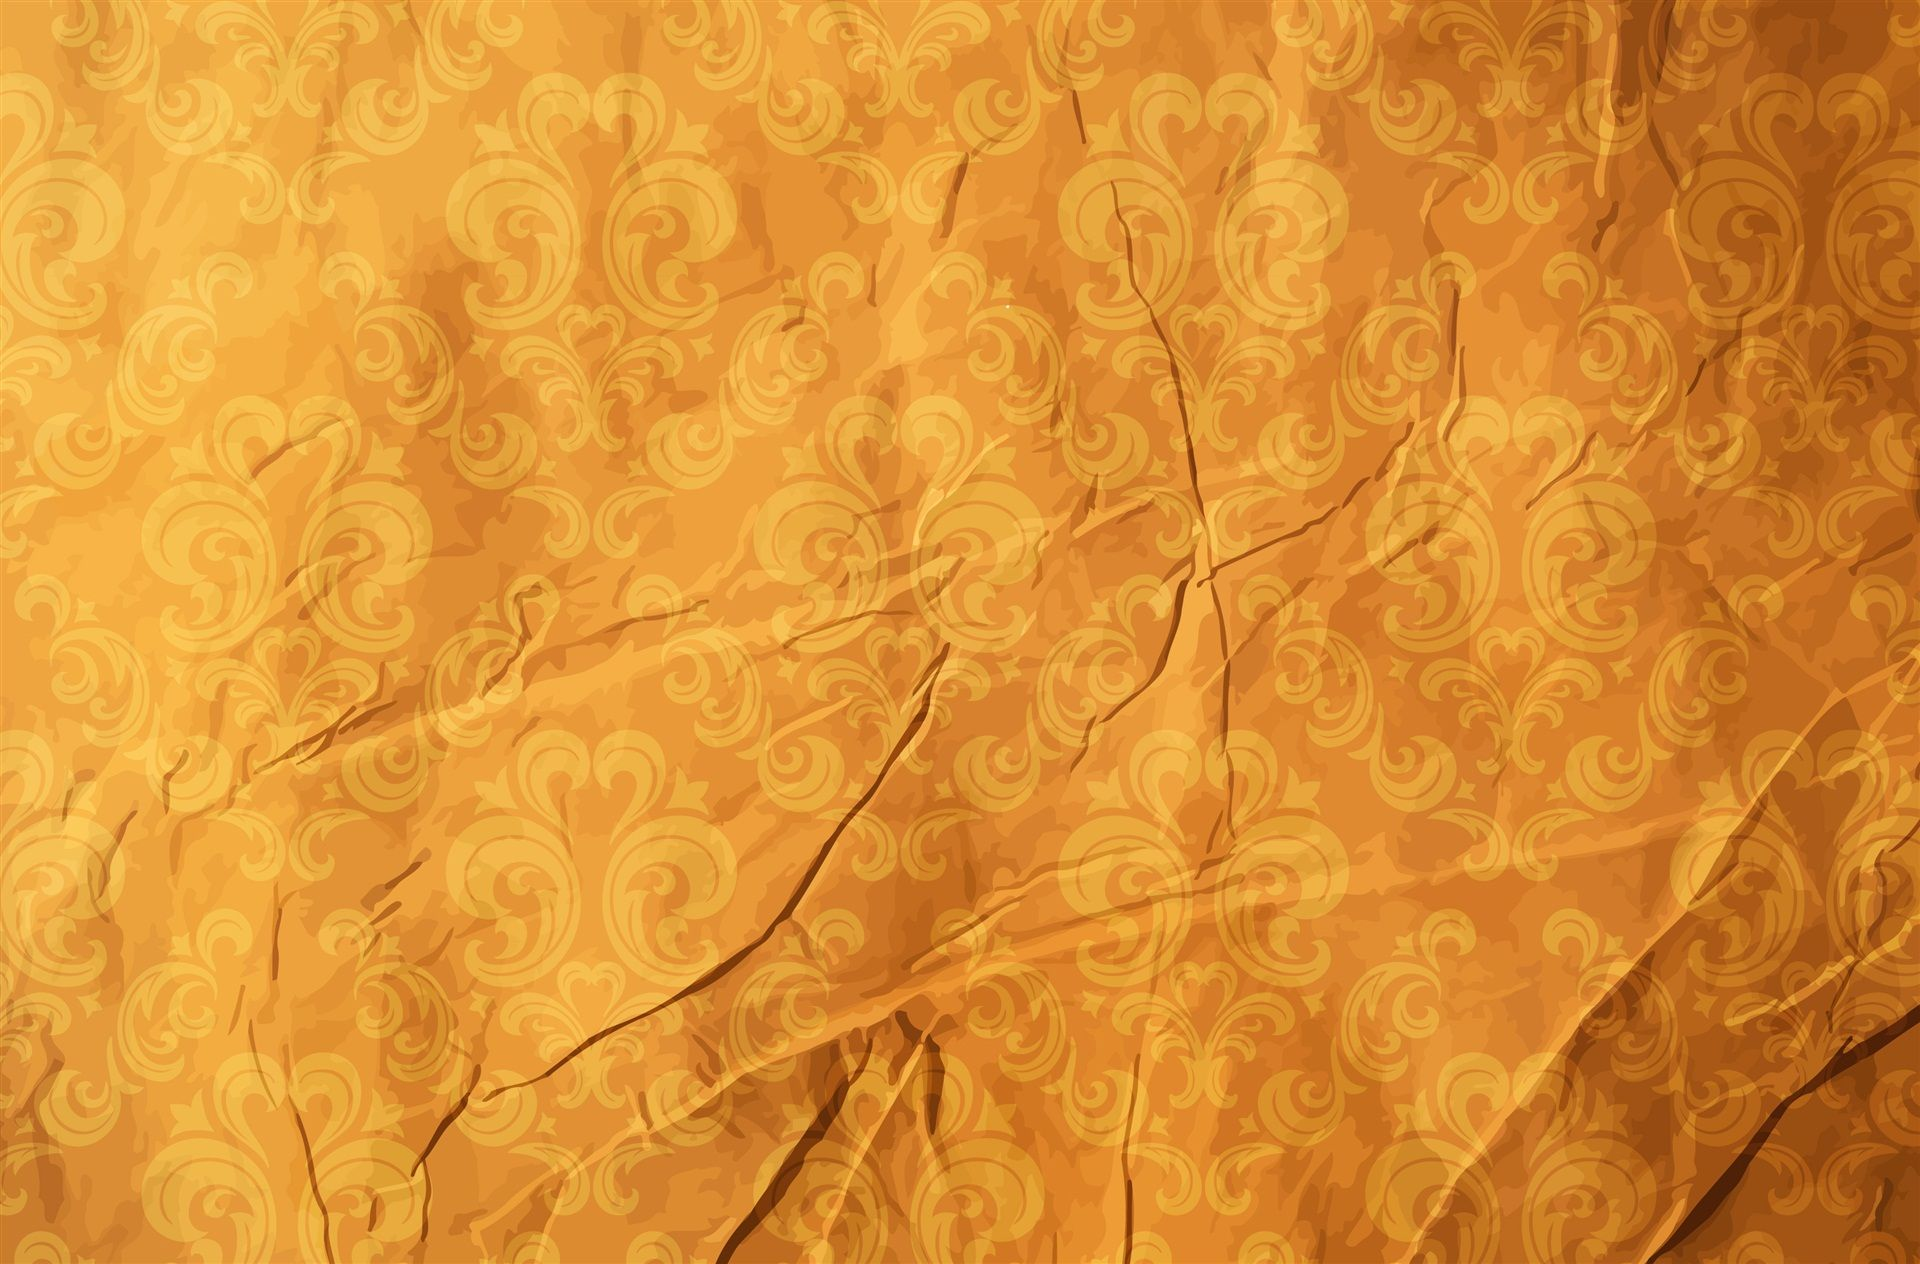 #textura,+#y+el+vector,+#viejo+papel+pintado,+#arañazos